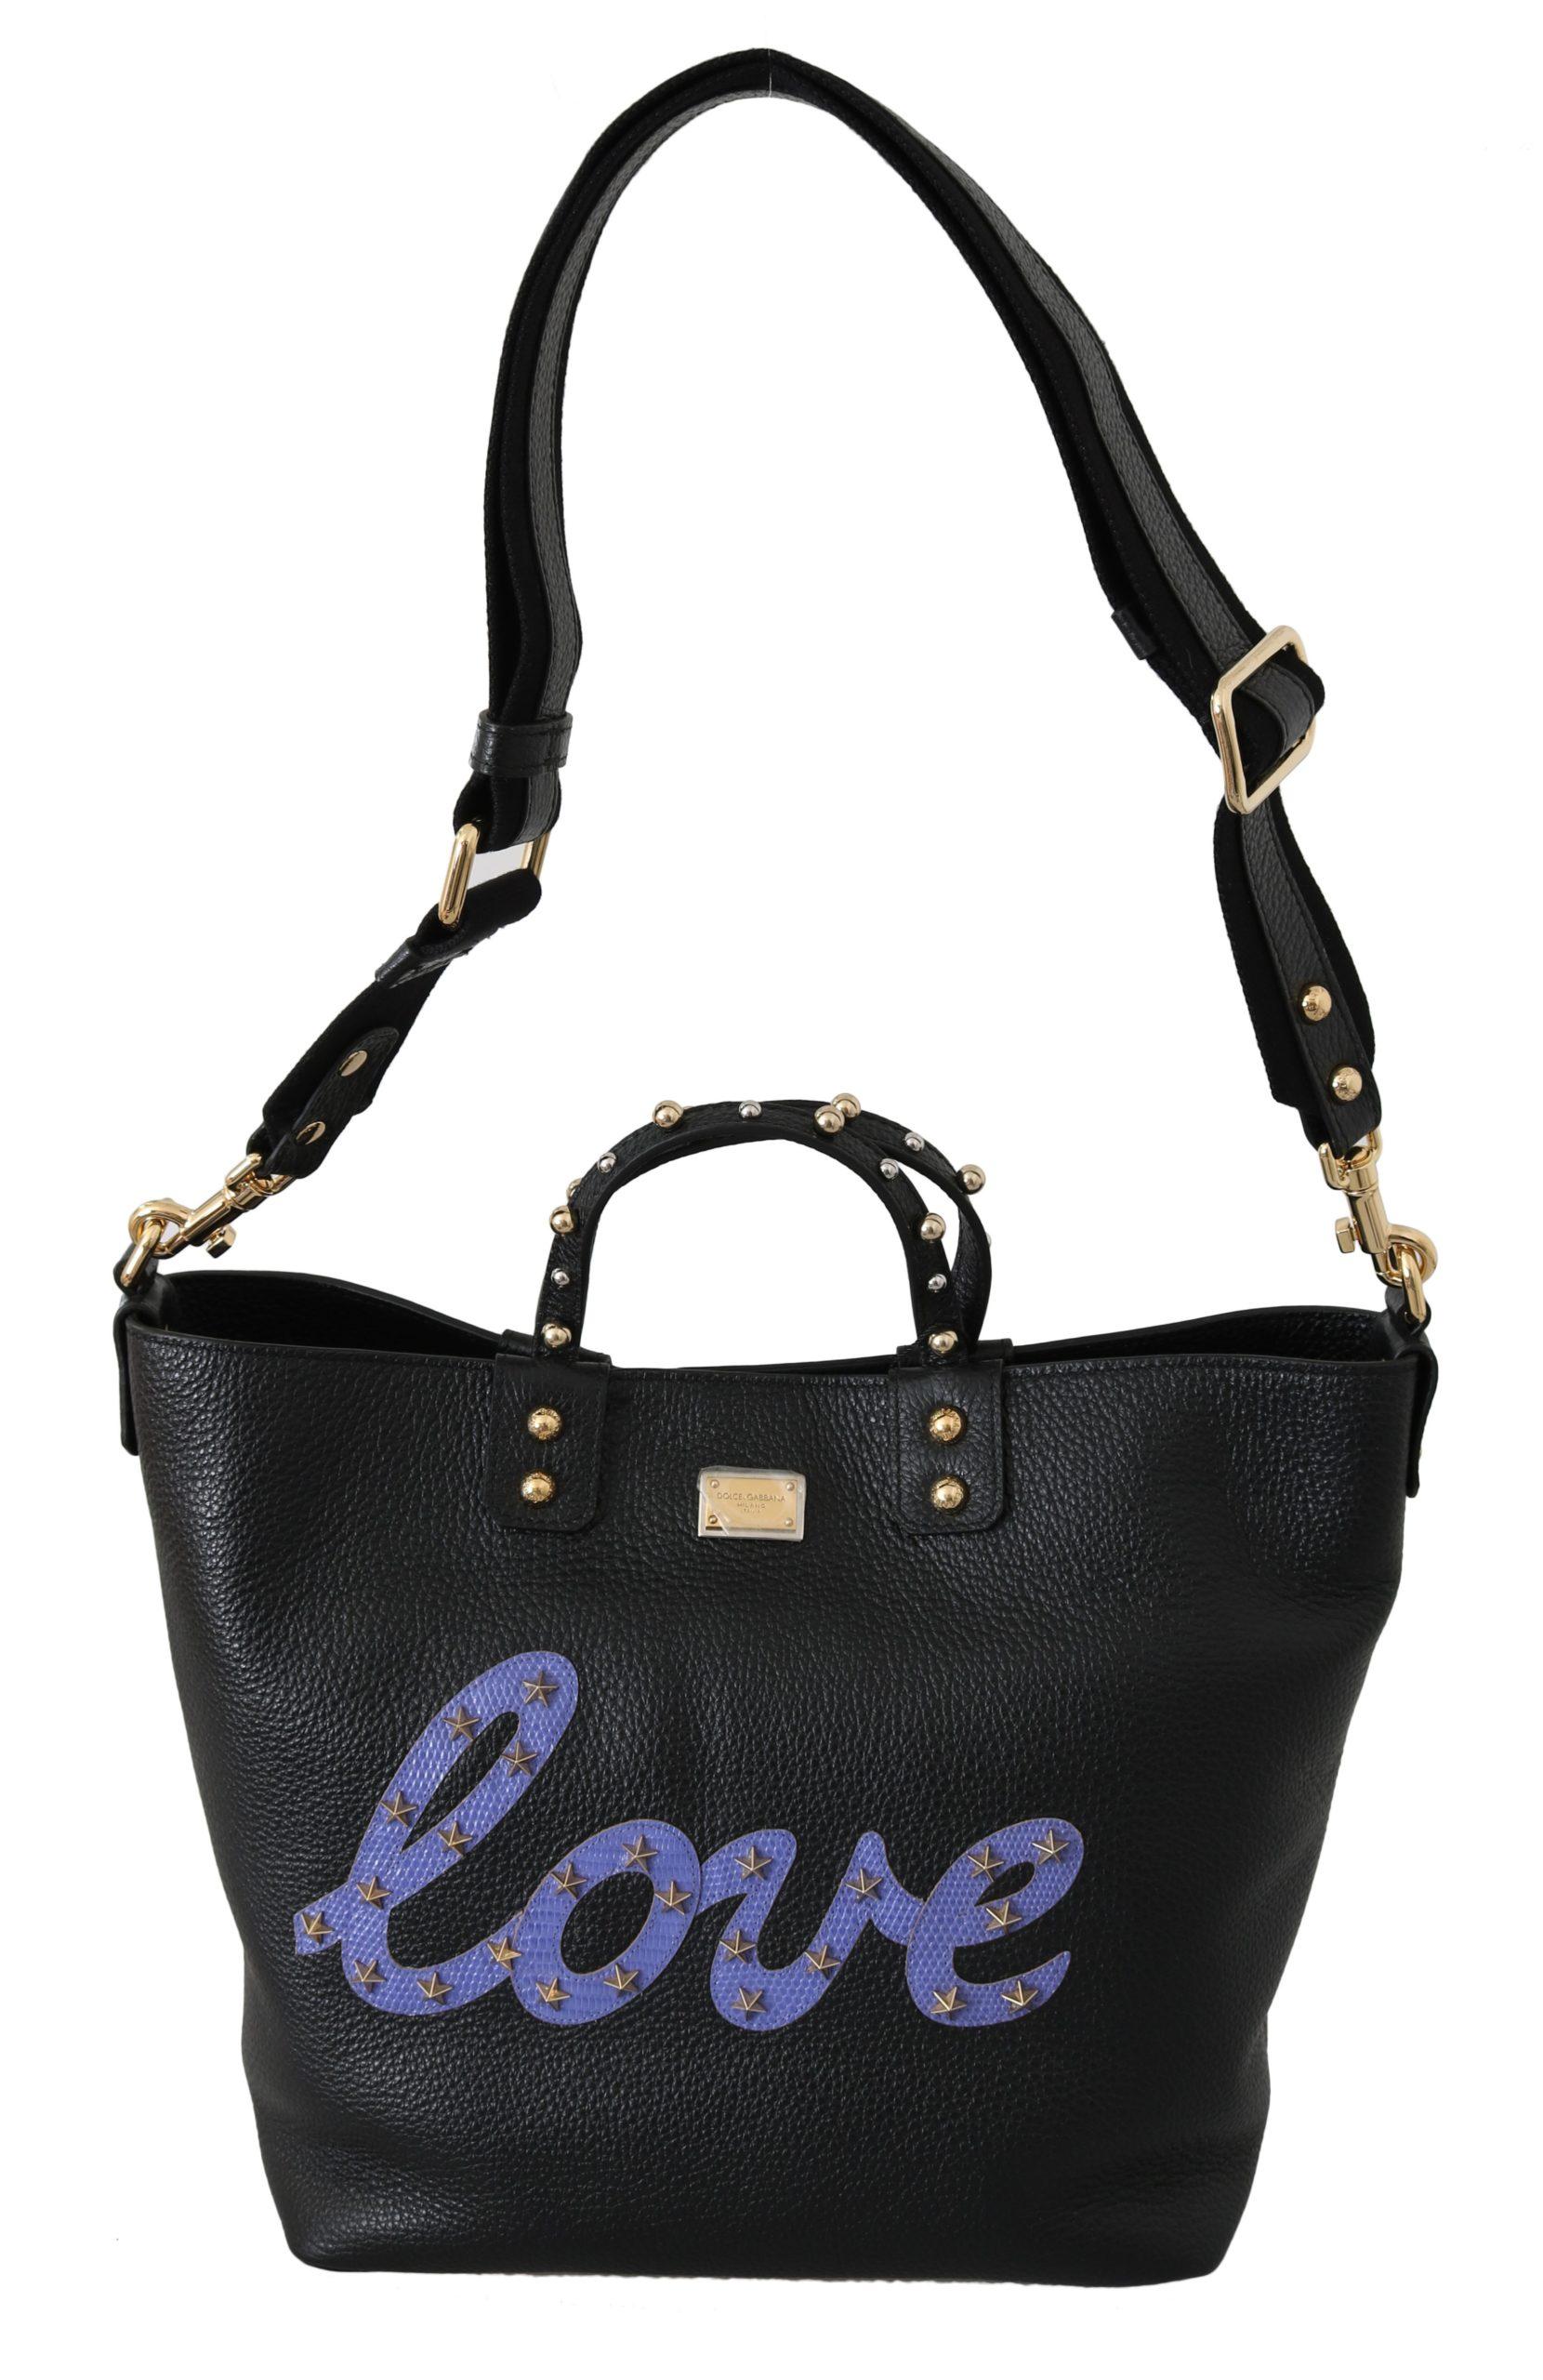 Black Leather Love BEATRICE Shoulder Tote HandBag